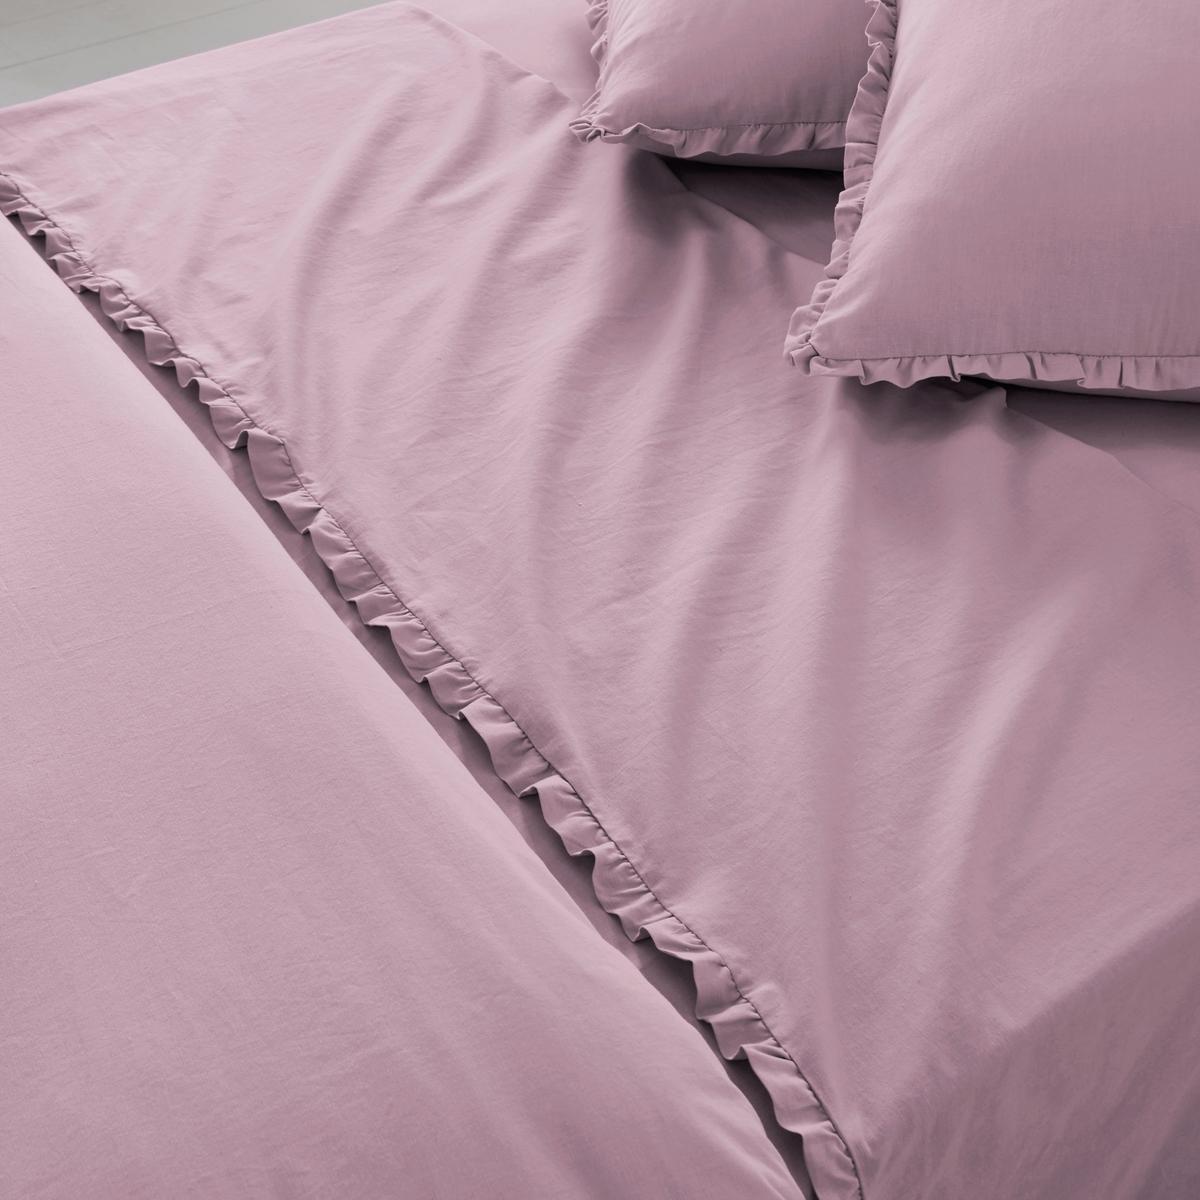 Простыня однотонная из полушерстяной стиранной ткани, OndinaОписание простыни Ondina :- Полушерстяная ткань, 55% хлопка, 45% льна, аутентичная и прочная, стиранная ткань для повышенной нежности и мягкости..Машинная стирка при 60 °С.- Отделка двойным воланом, со складками.  Размеры:180 x 290 см : 1-сп.240 х 290 см : 2-сп.270 x 290 см : 2-сп.<br><br>Цвет: белый,светло-бежевый,серо-фиалковый<br>Размер: 270 x 290  см